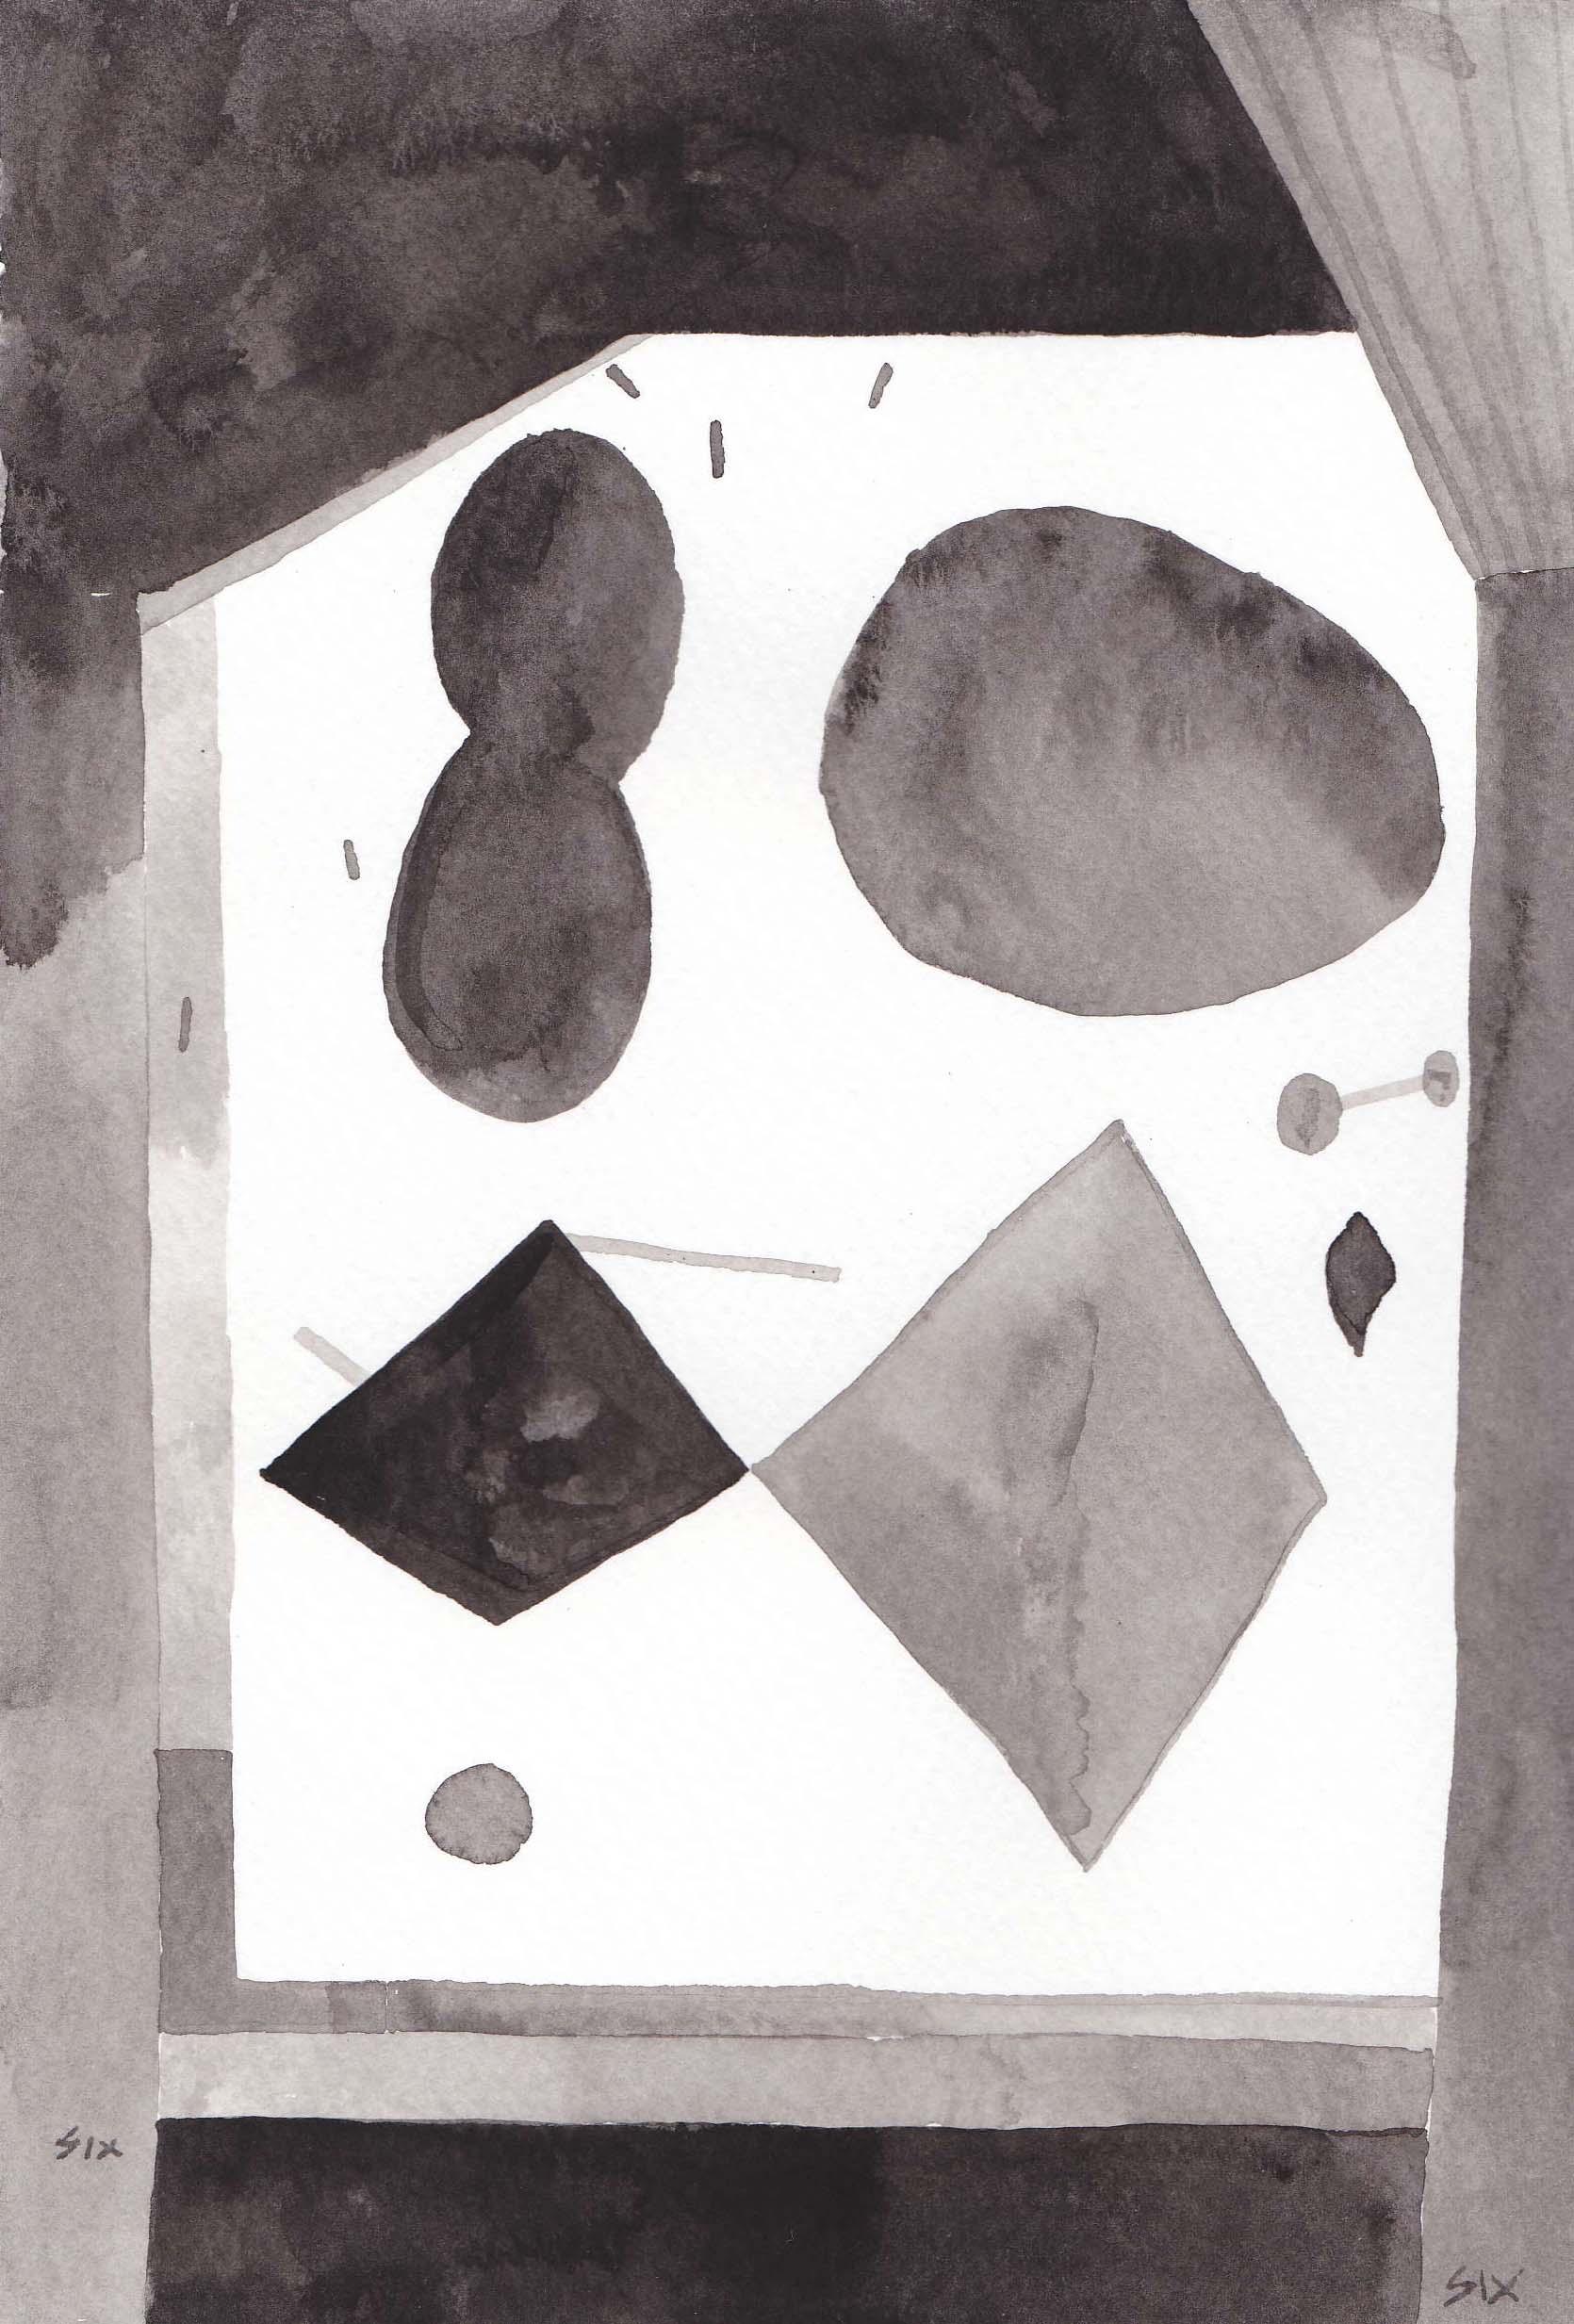 千野 六久 Rokuhisa Chino  (drawing, collage